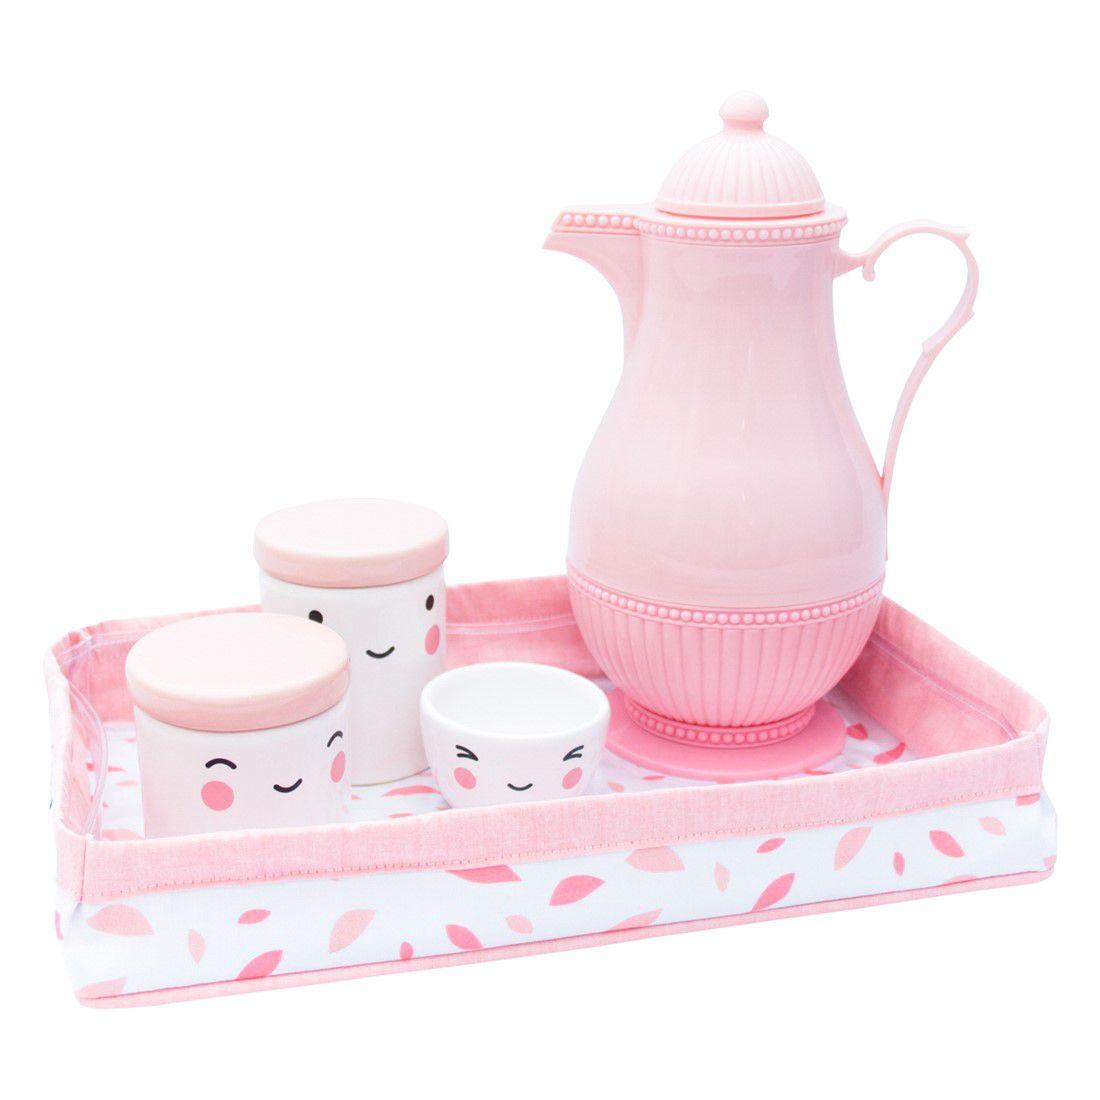 bandeja chão de folhas rosa chá